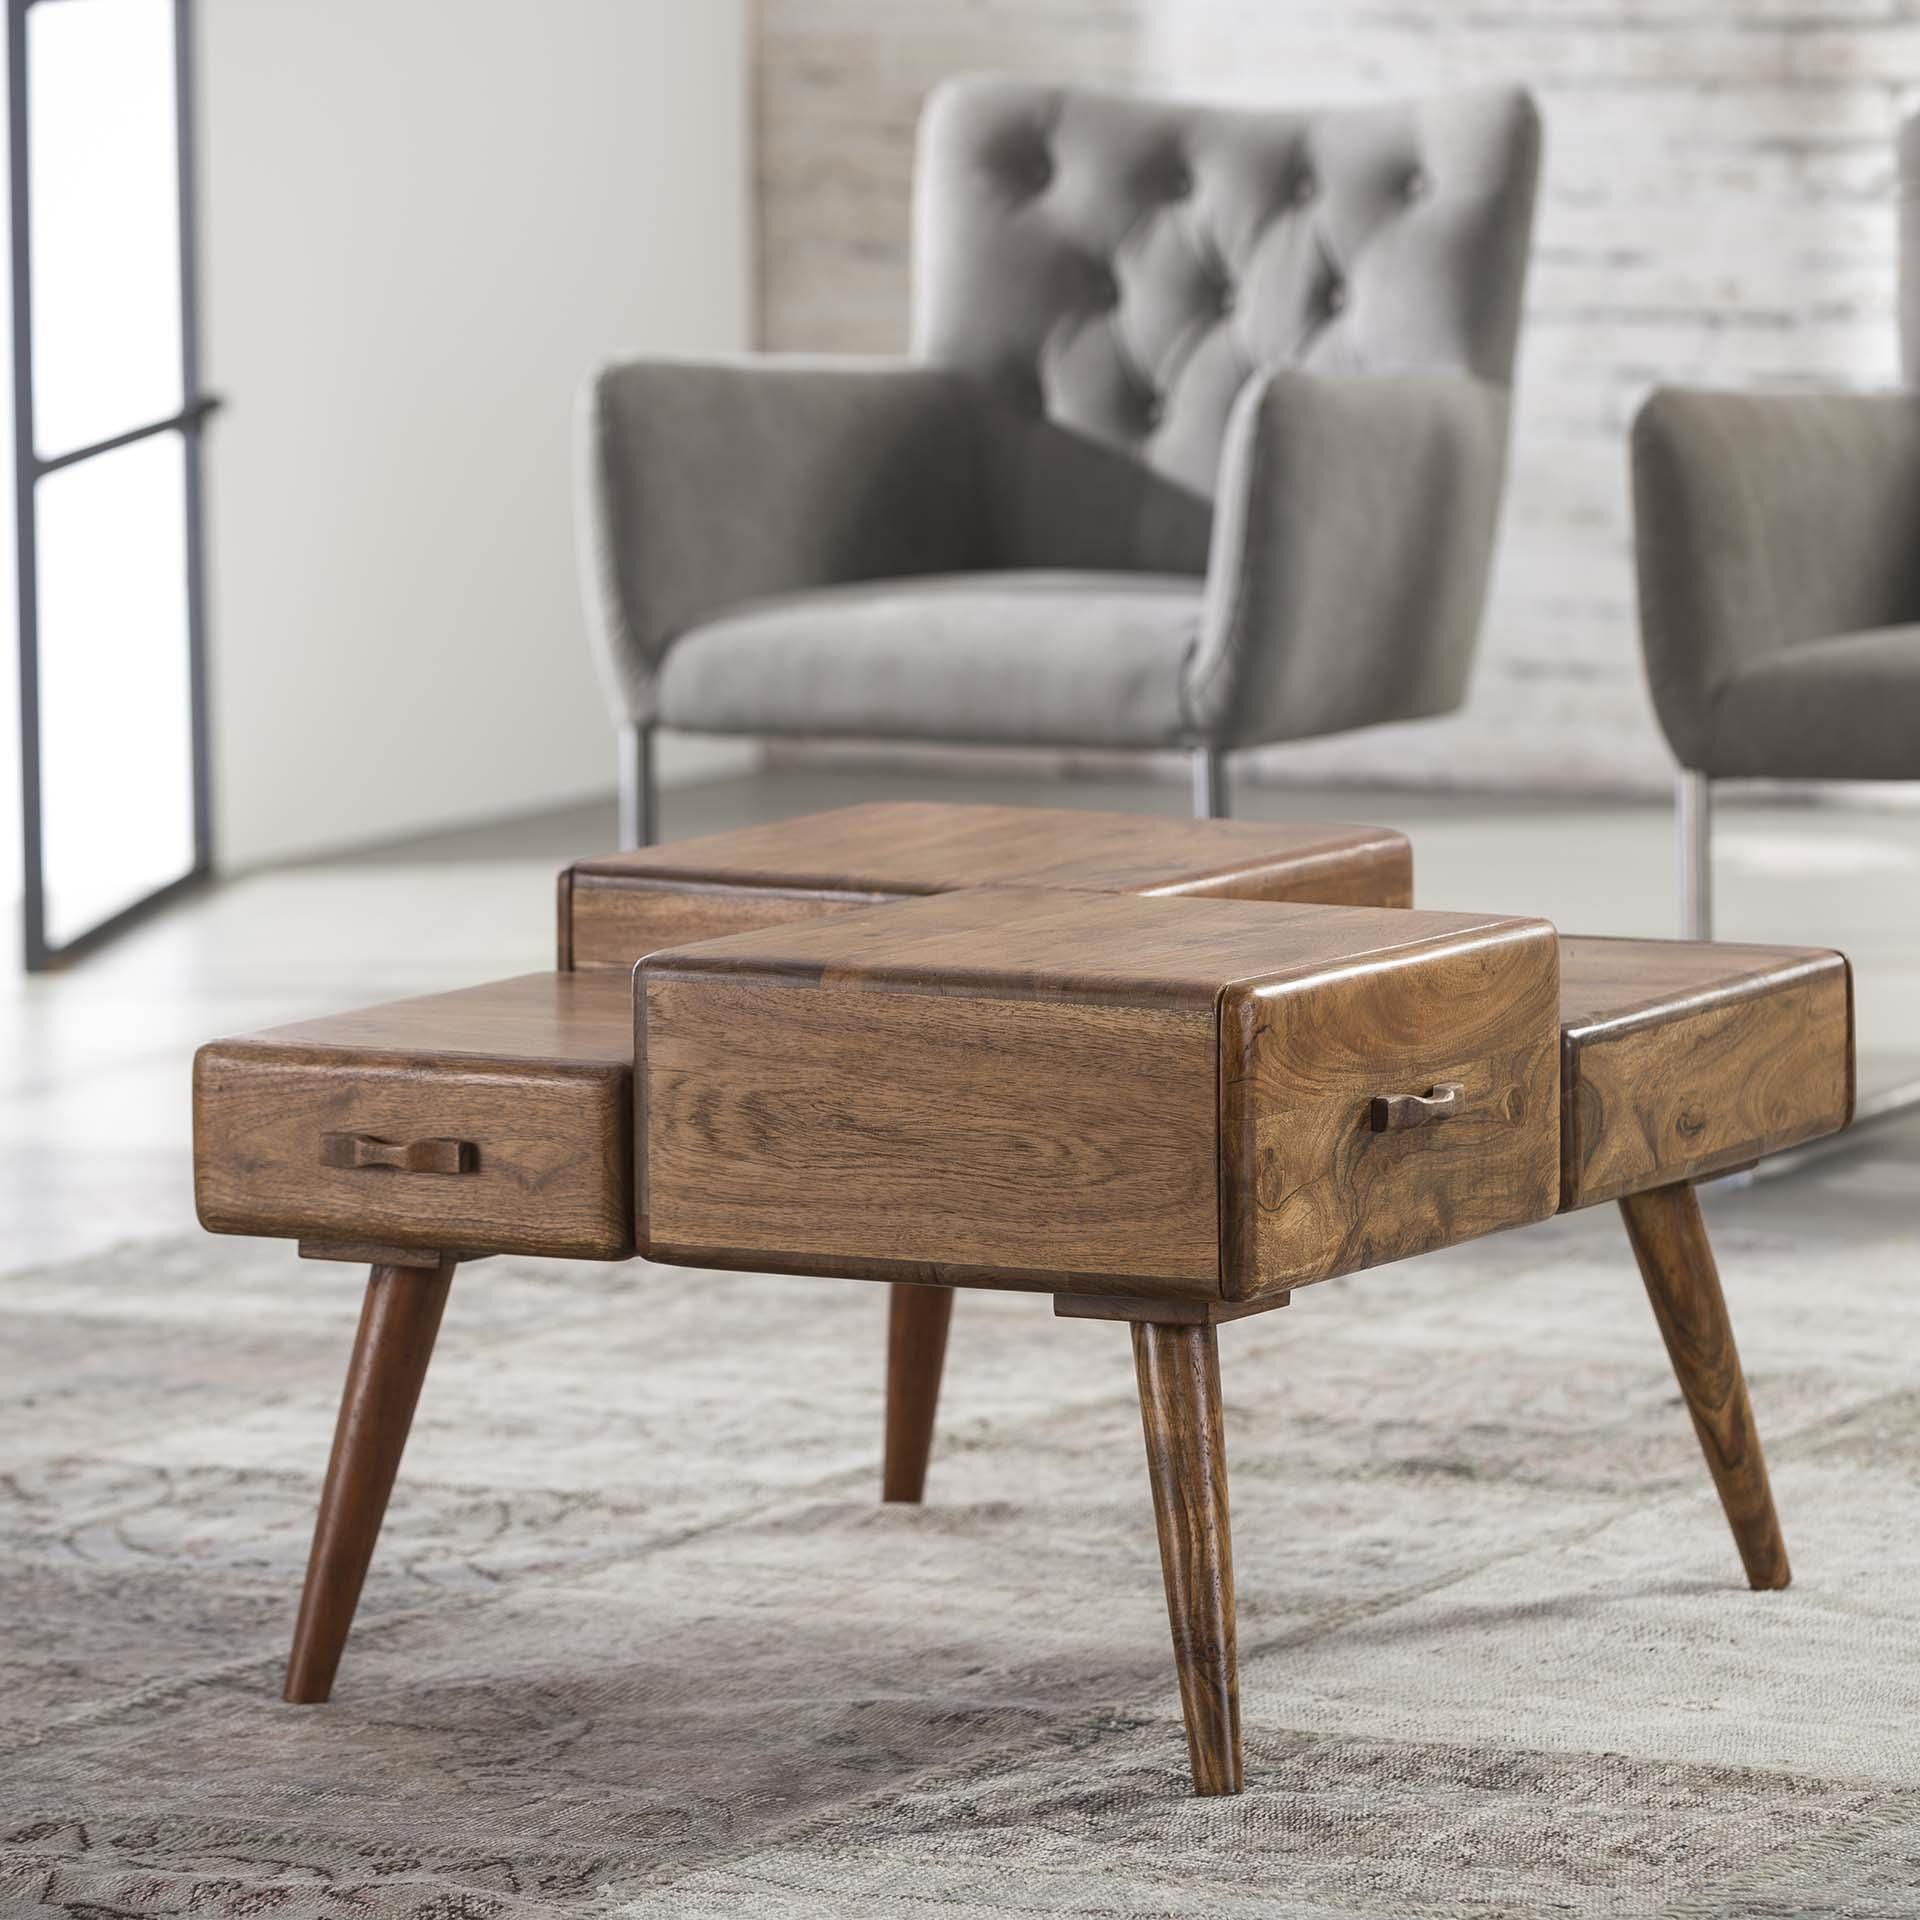 Salontafel 'Cube' 70 x 60cm Tafels | Salontafels vergelijken doe je het voordeligst hier bij Meubelpartner